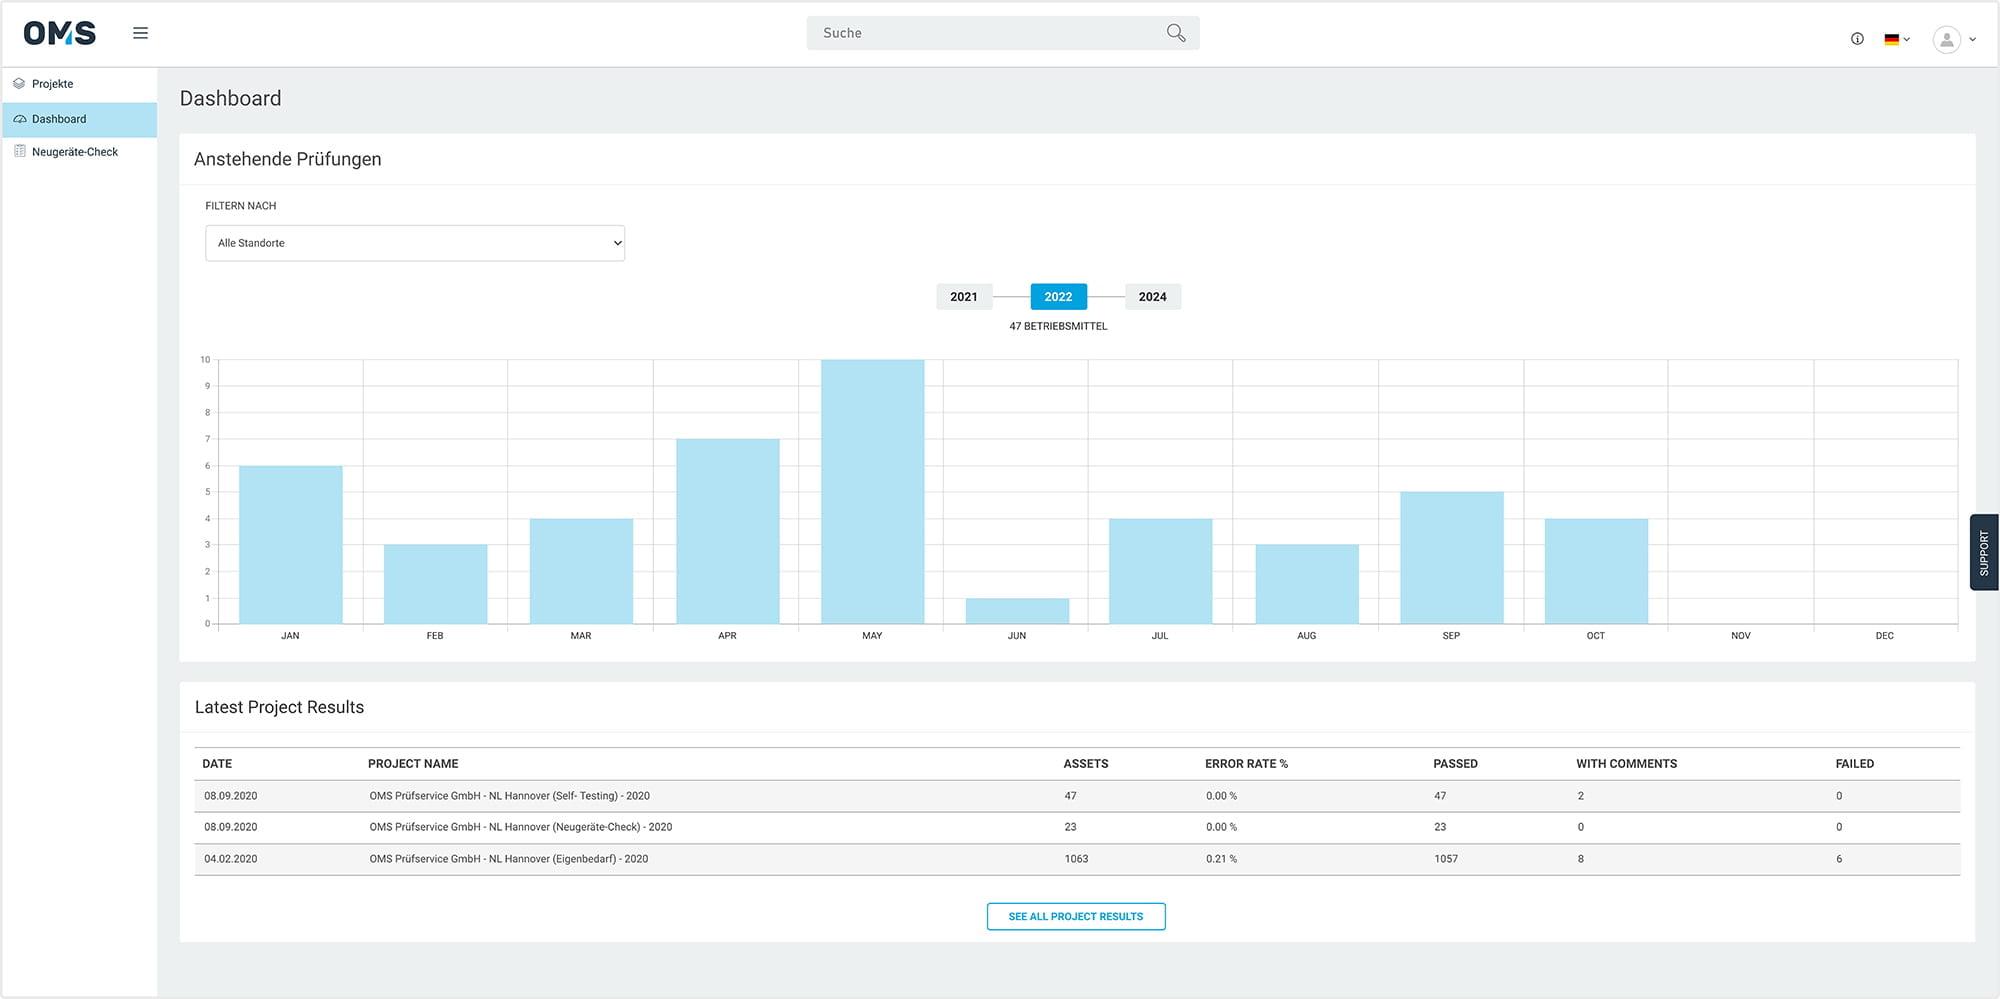 OMS Kundenportal - Ihr persönliches Dashboard | OMS Prüfservice GmbH